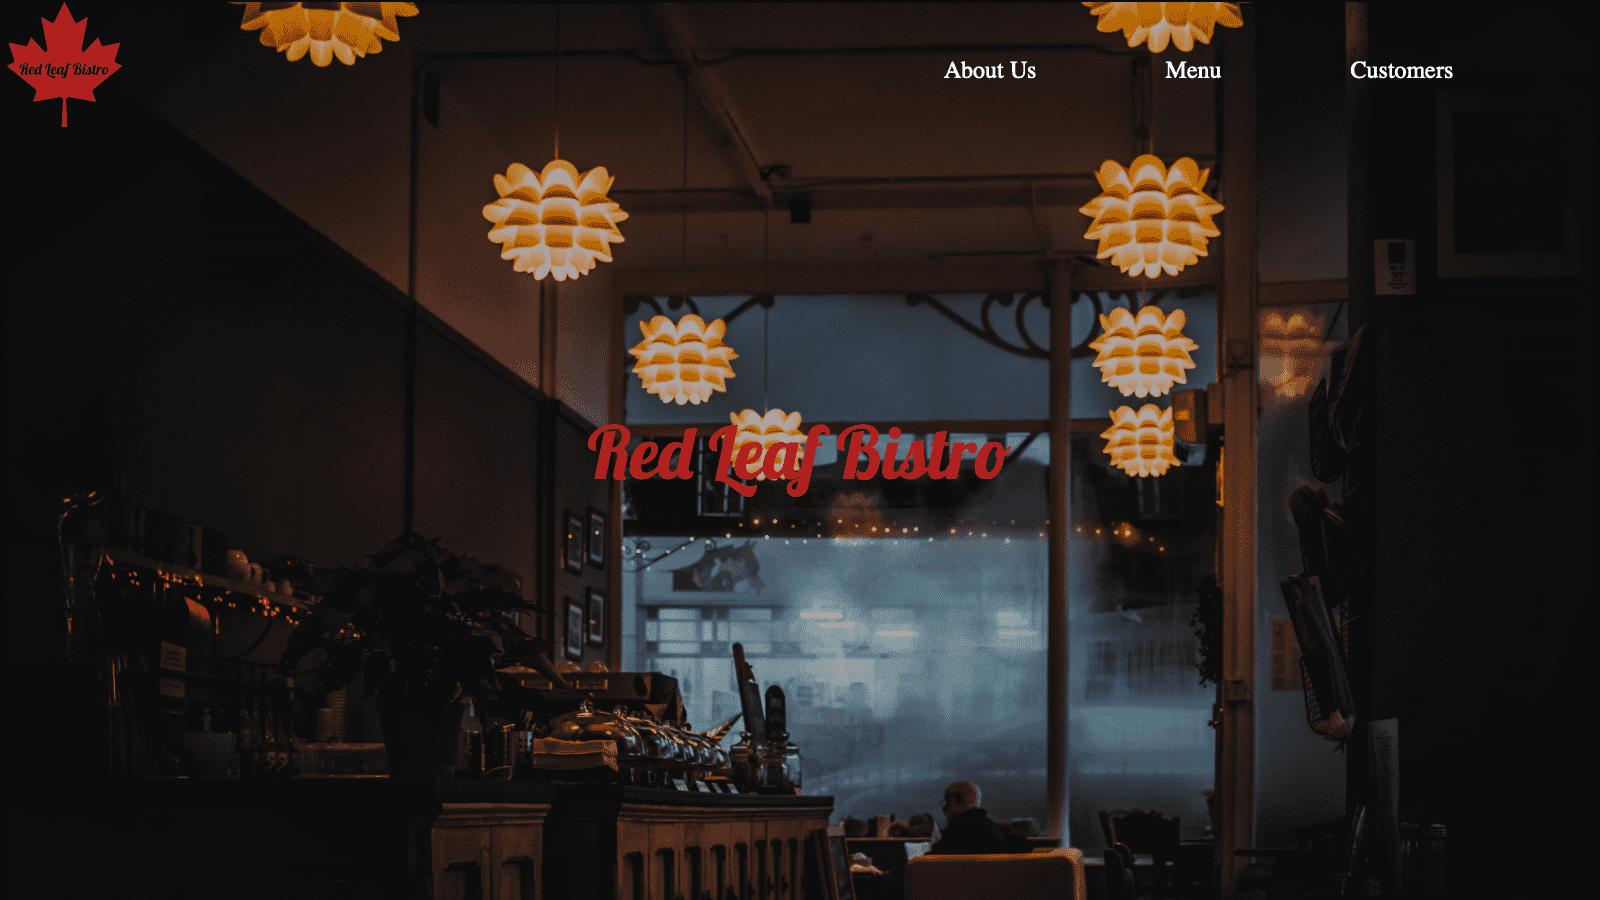 Red Leaf Bistro